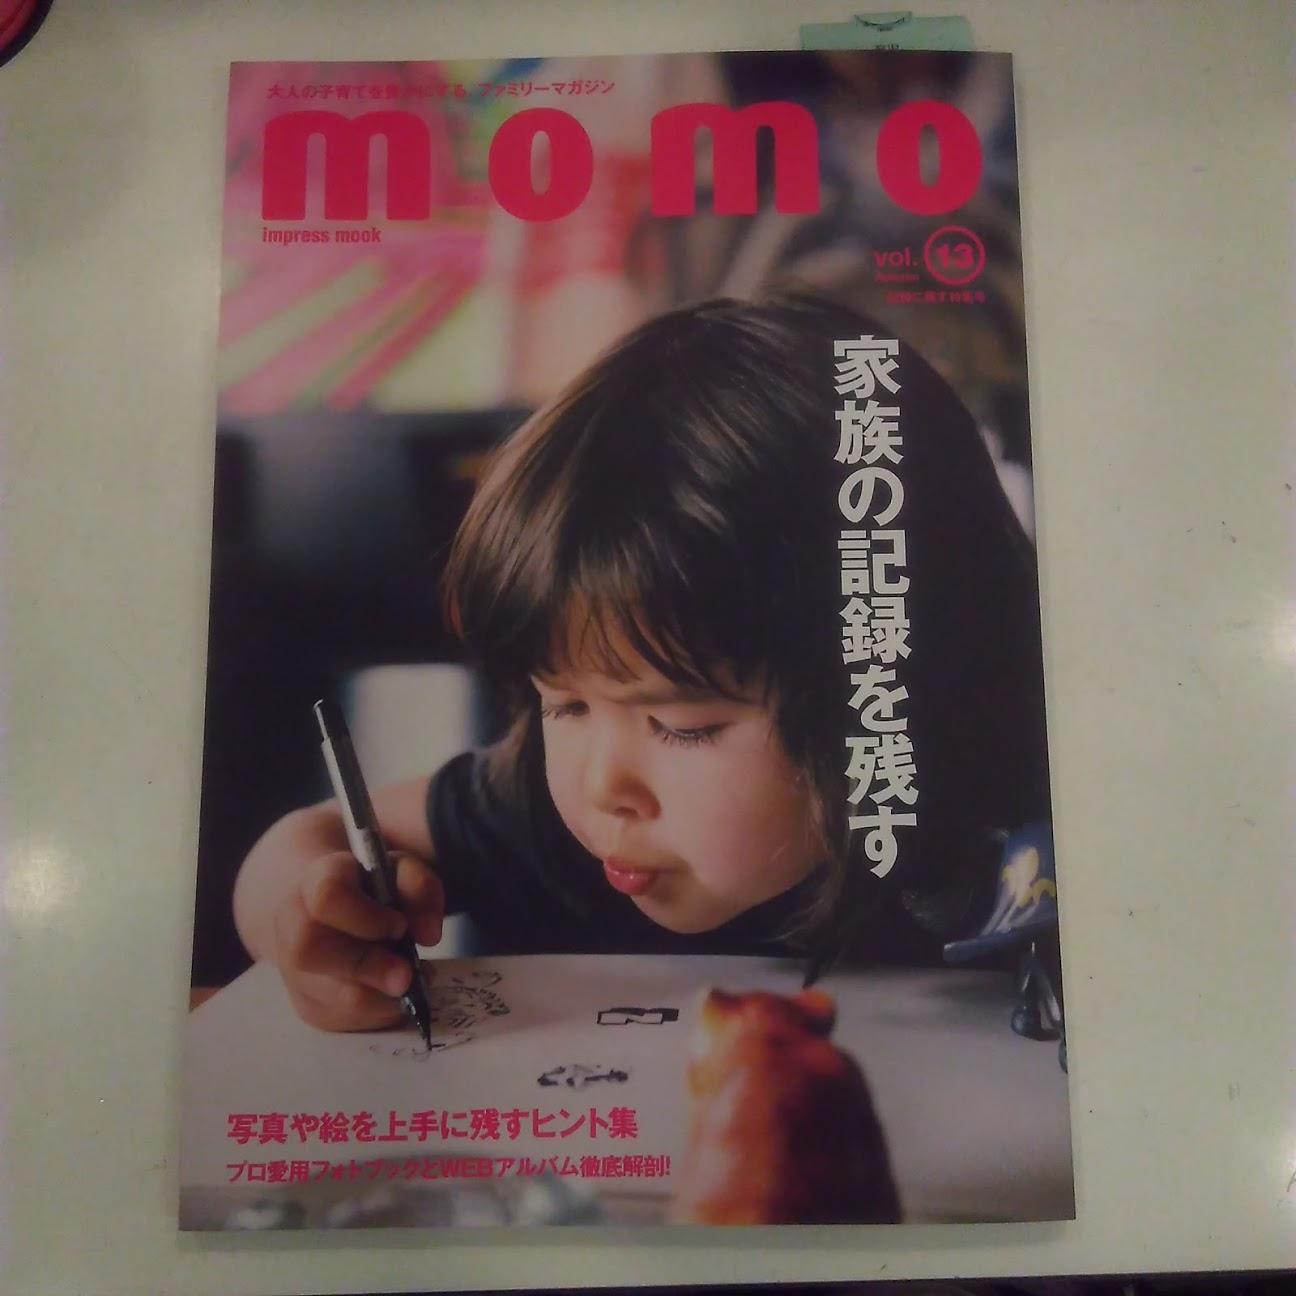 【雑誌掲載】momo vol.13に掲載されました。